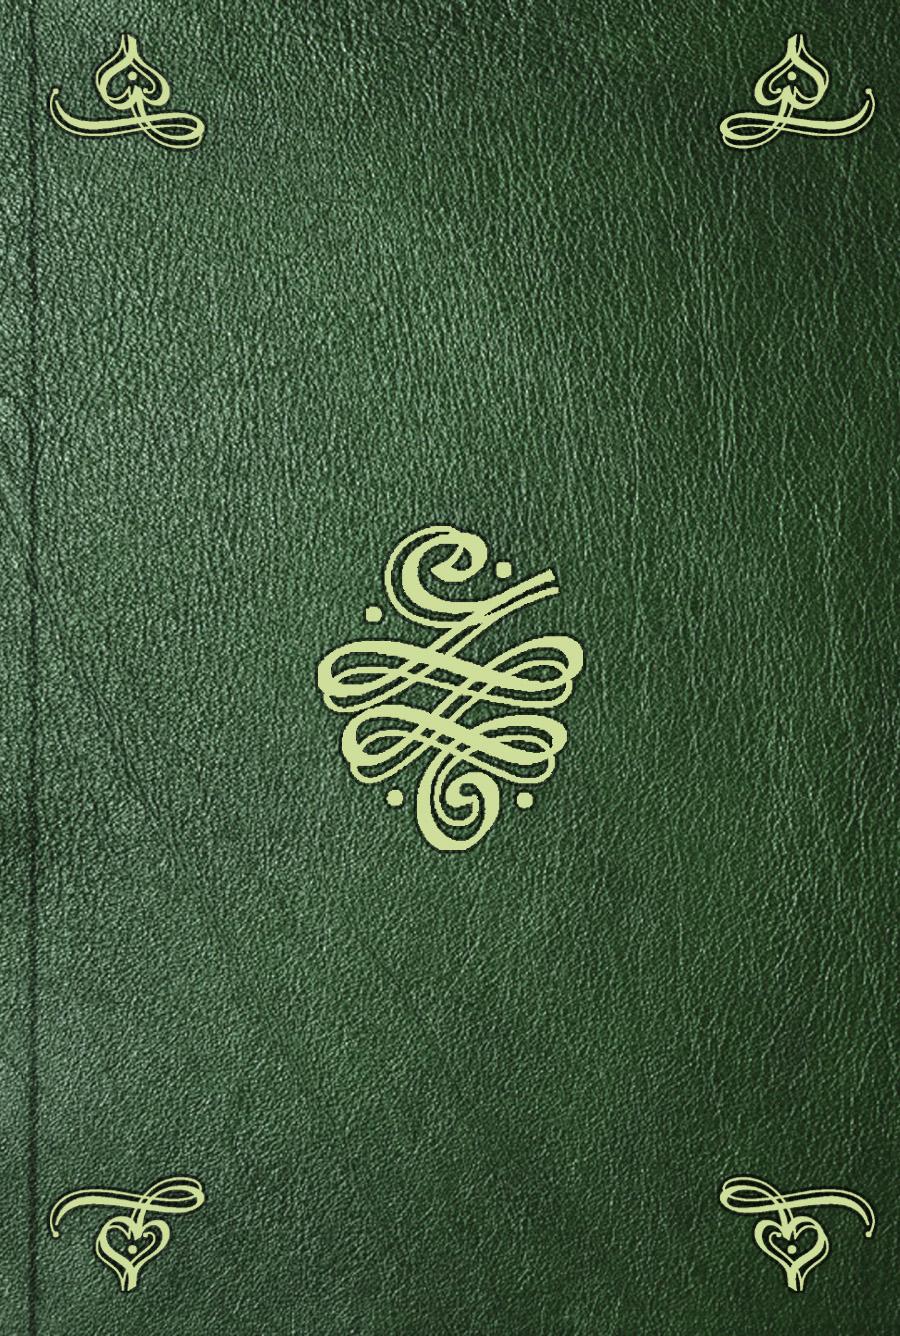 Федор Глинка Опыты аллегорий, или Иносказательных описаний, в стихах и в прозе марина фешкина демотивация встихах